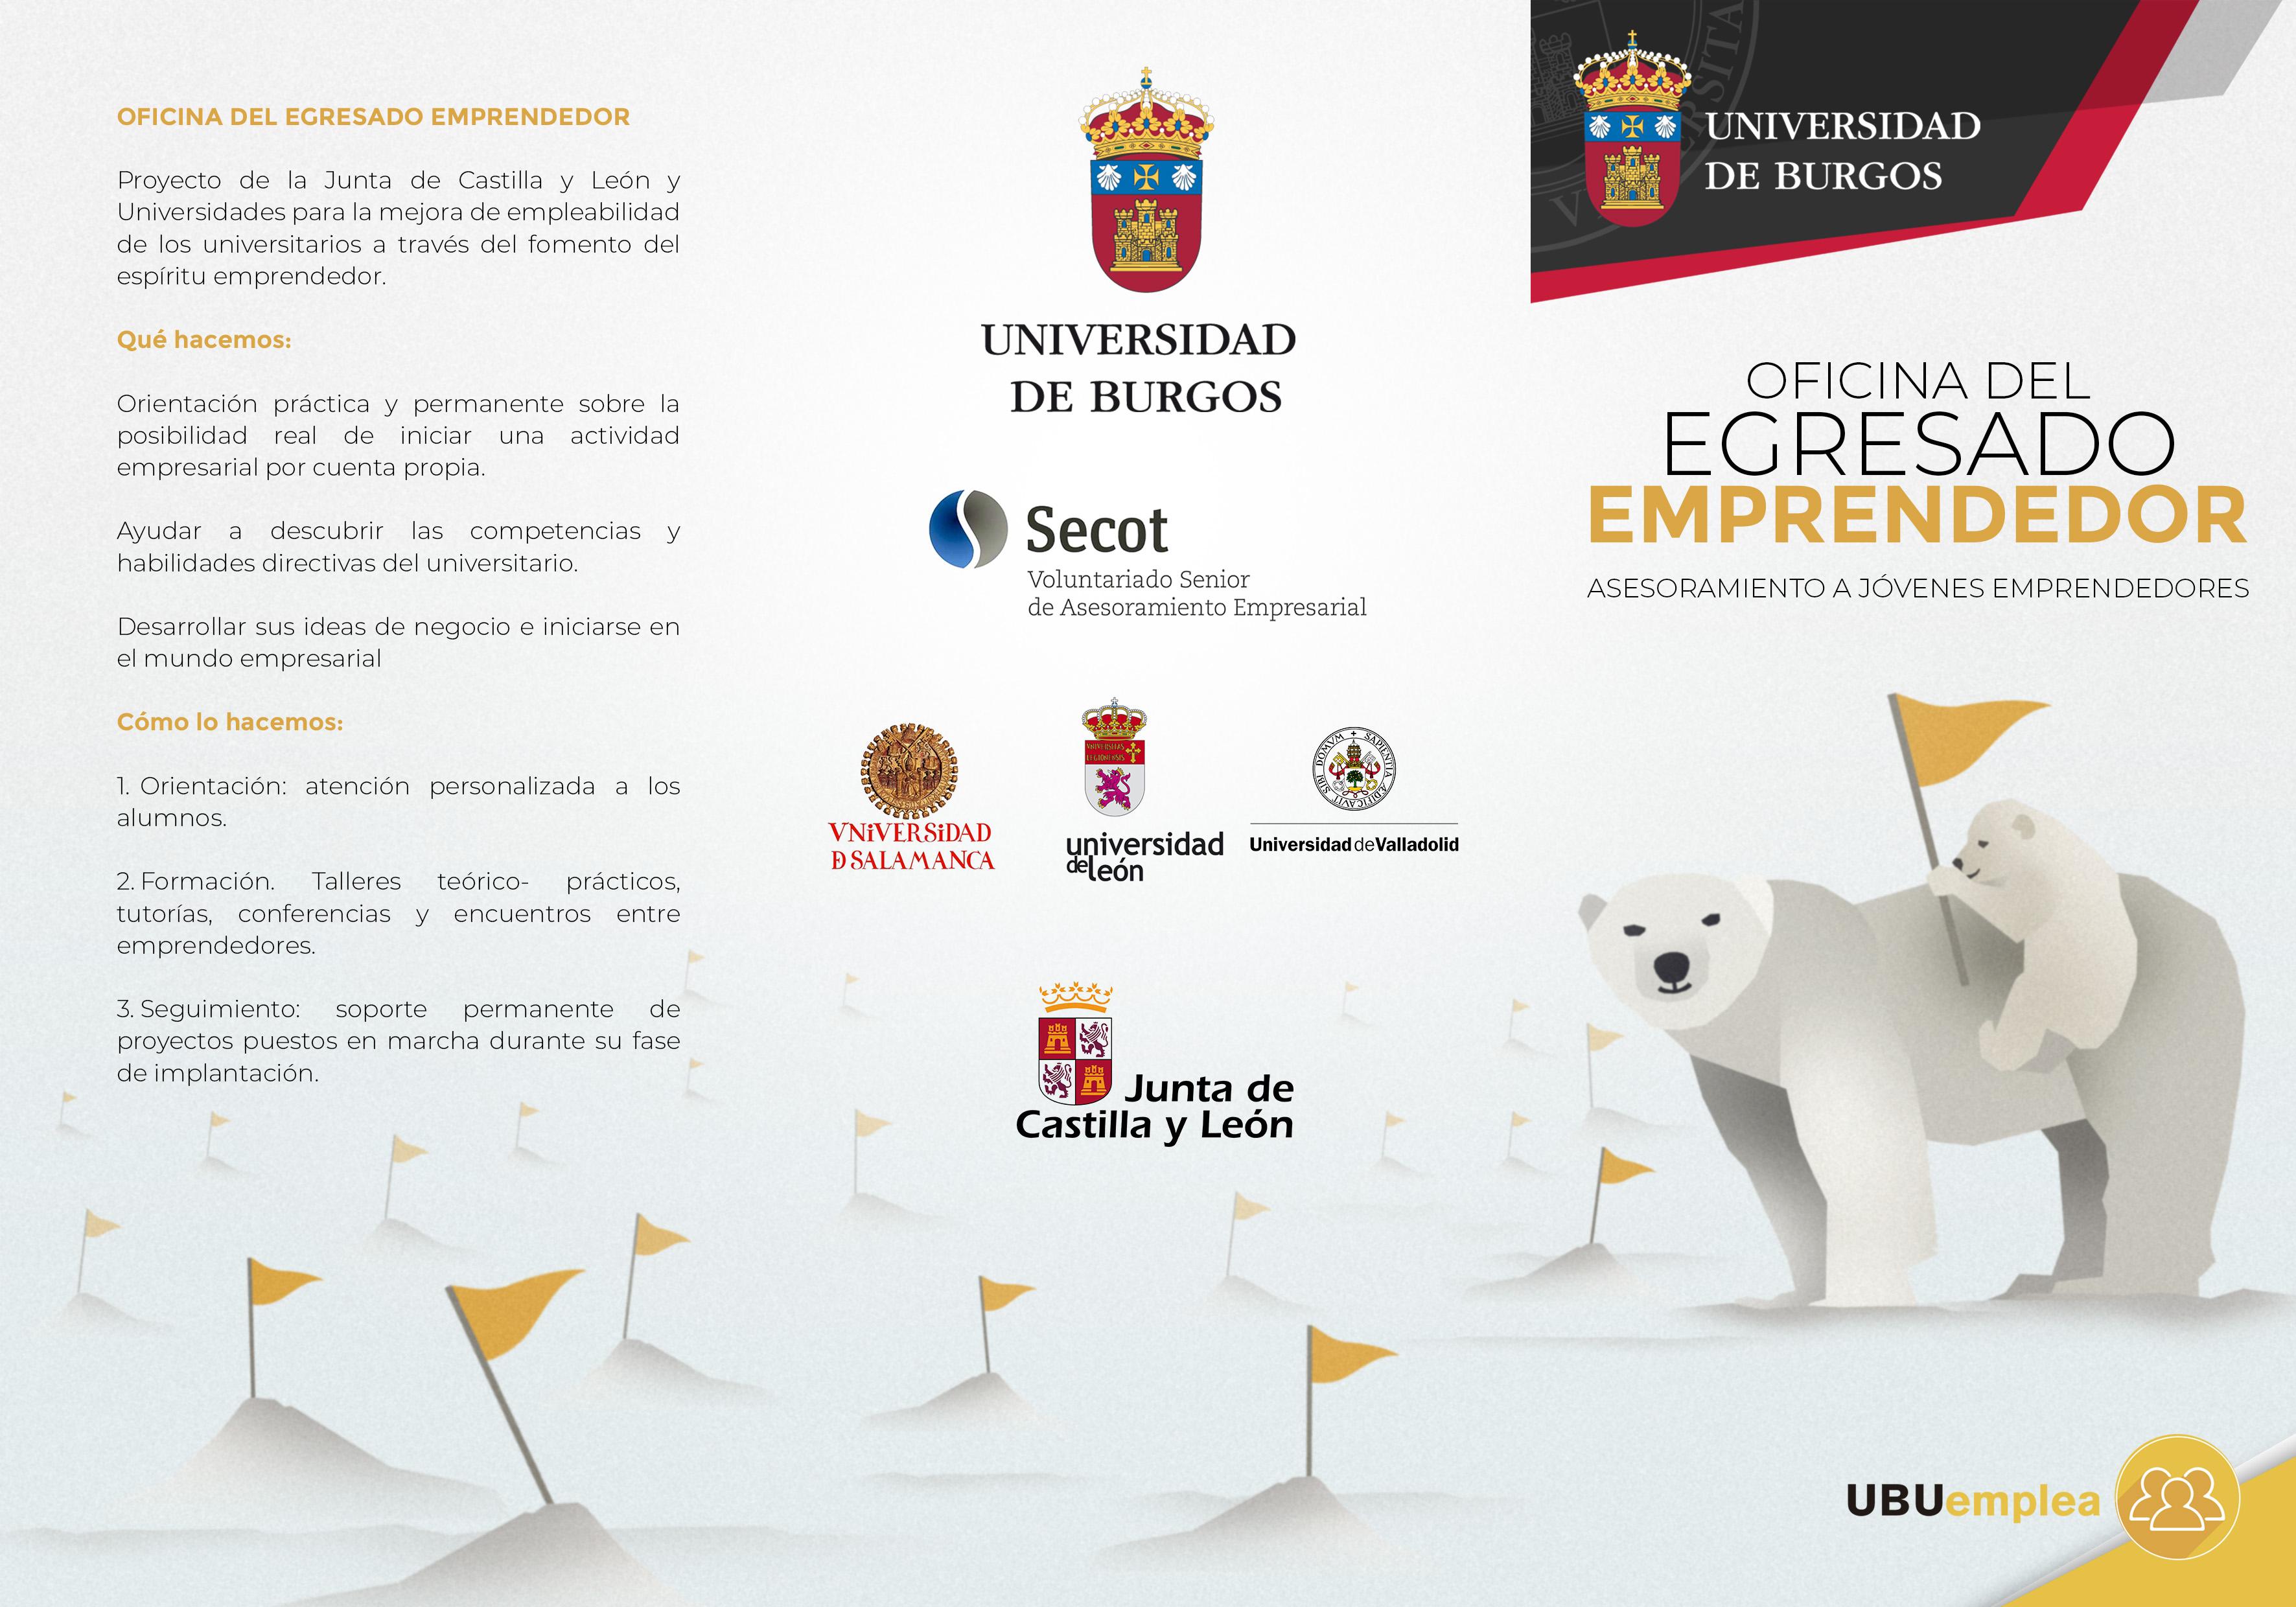 Oficina del Egresado Emprendedor   Universidad de Burgos